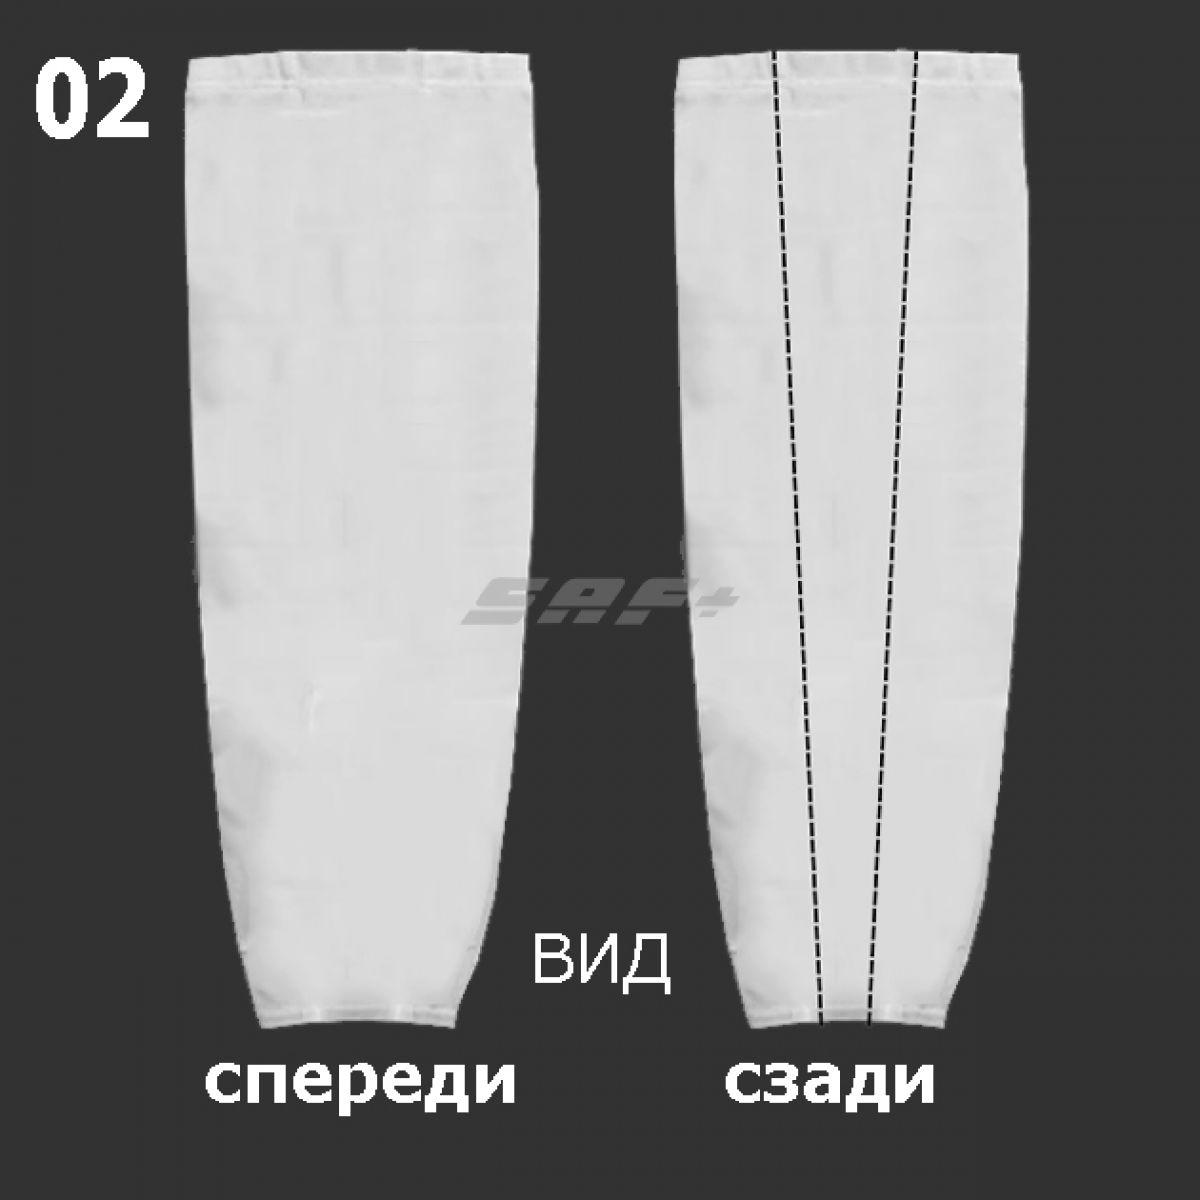 ГАМАШИ-02 хоккейные простые (СУБЛИМАЦИЯ)